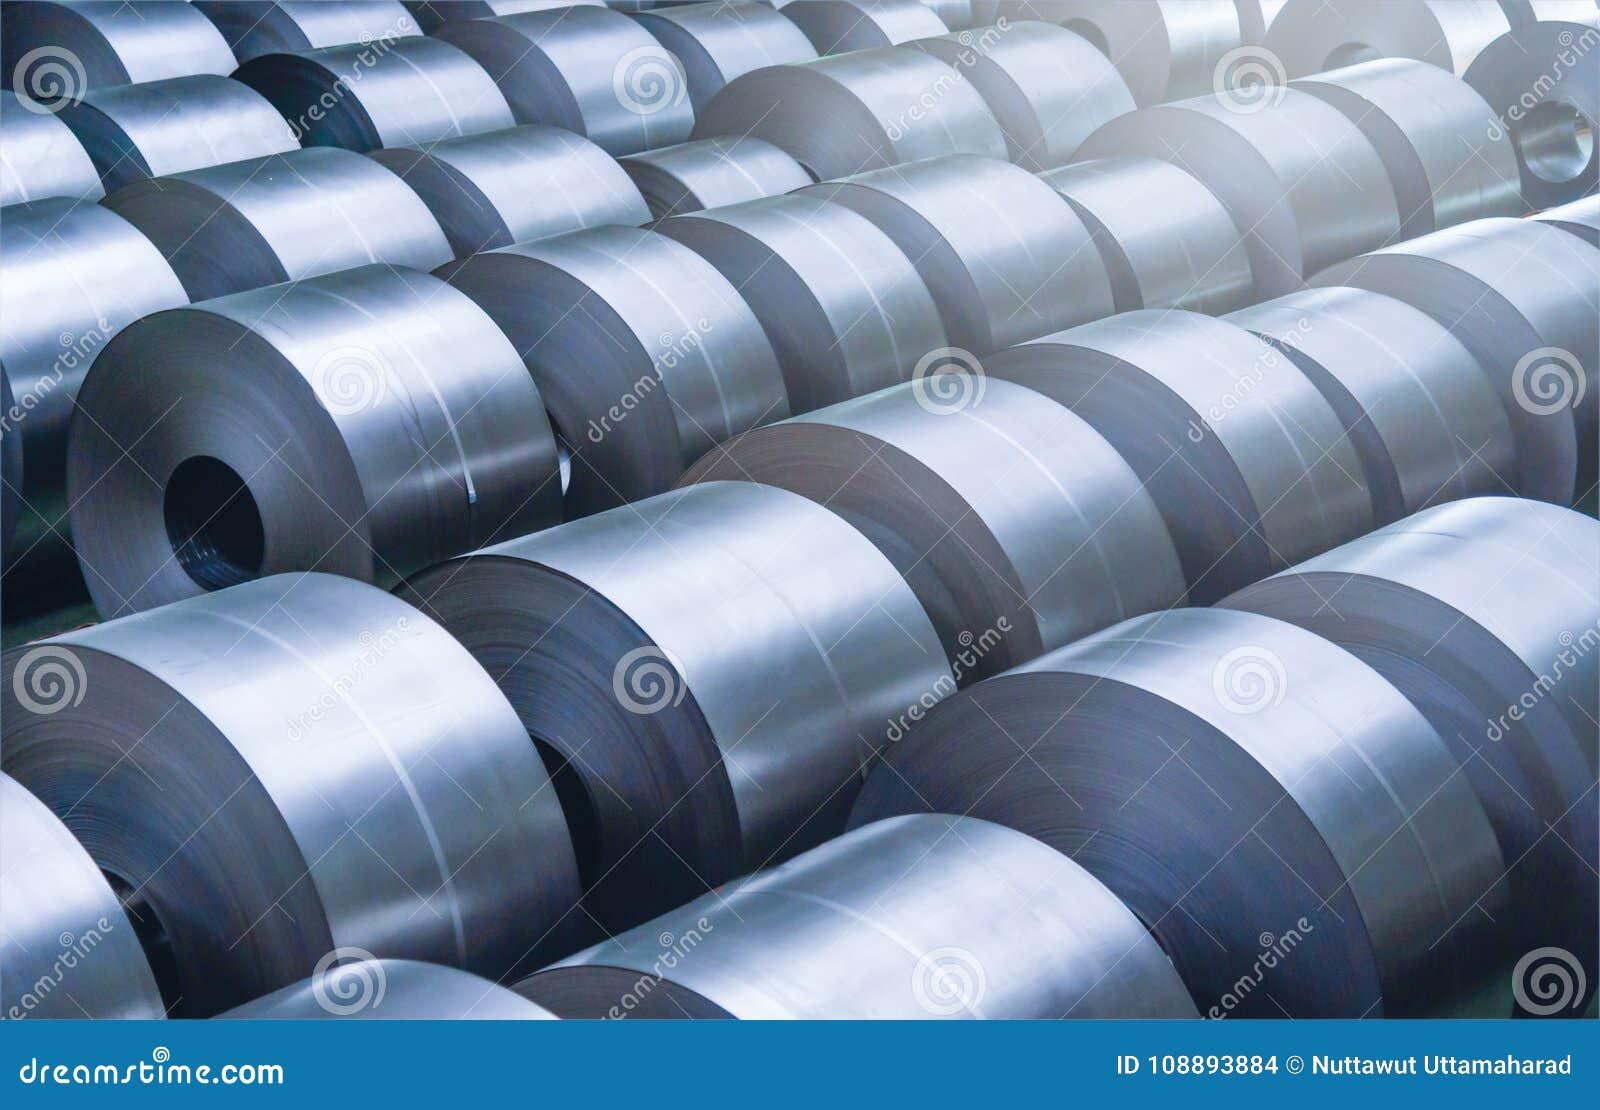 Bobina de aço laminada na área de armazenamento na indústria de aço